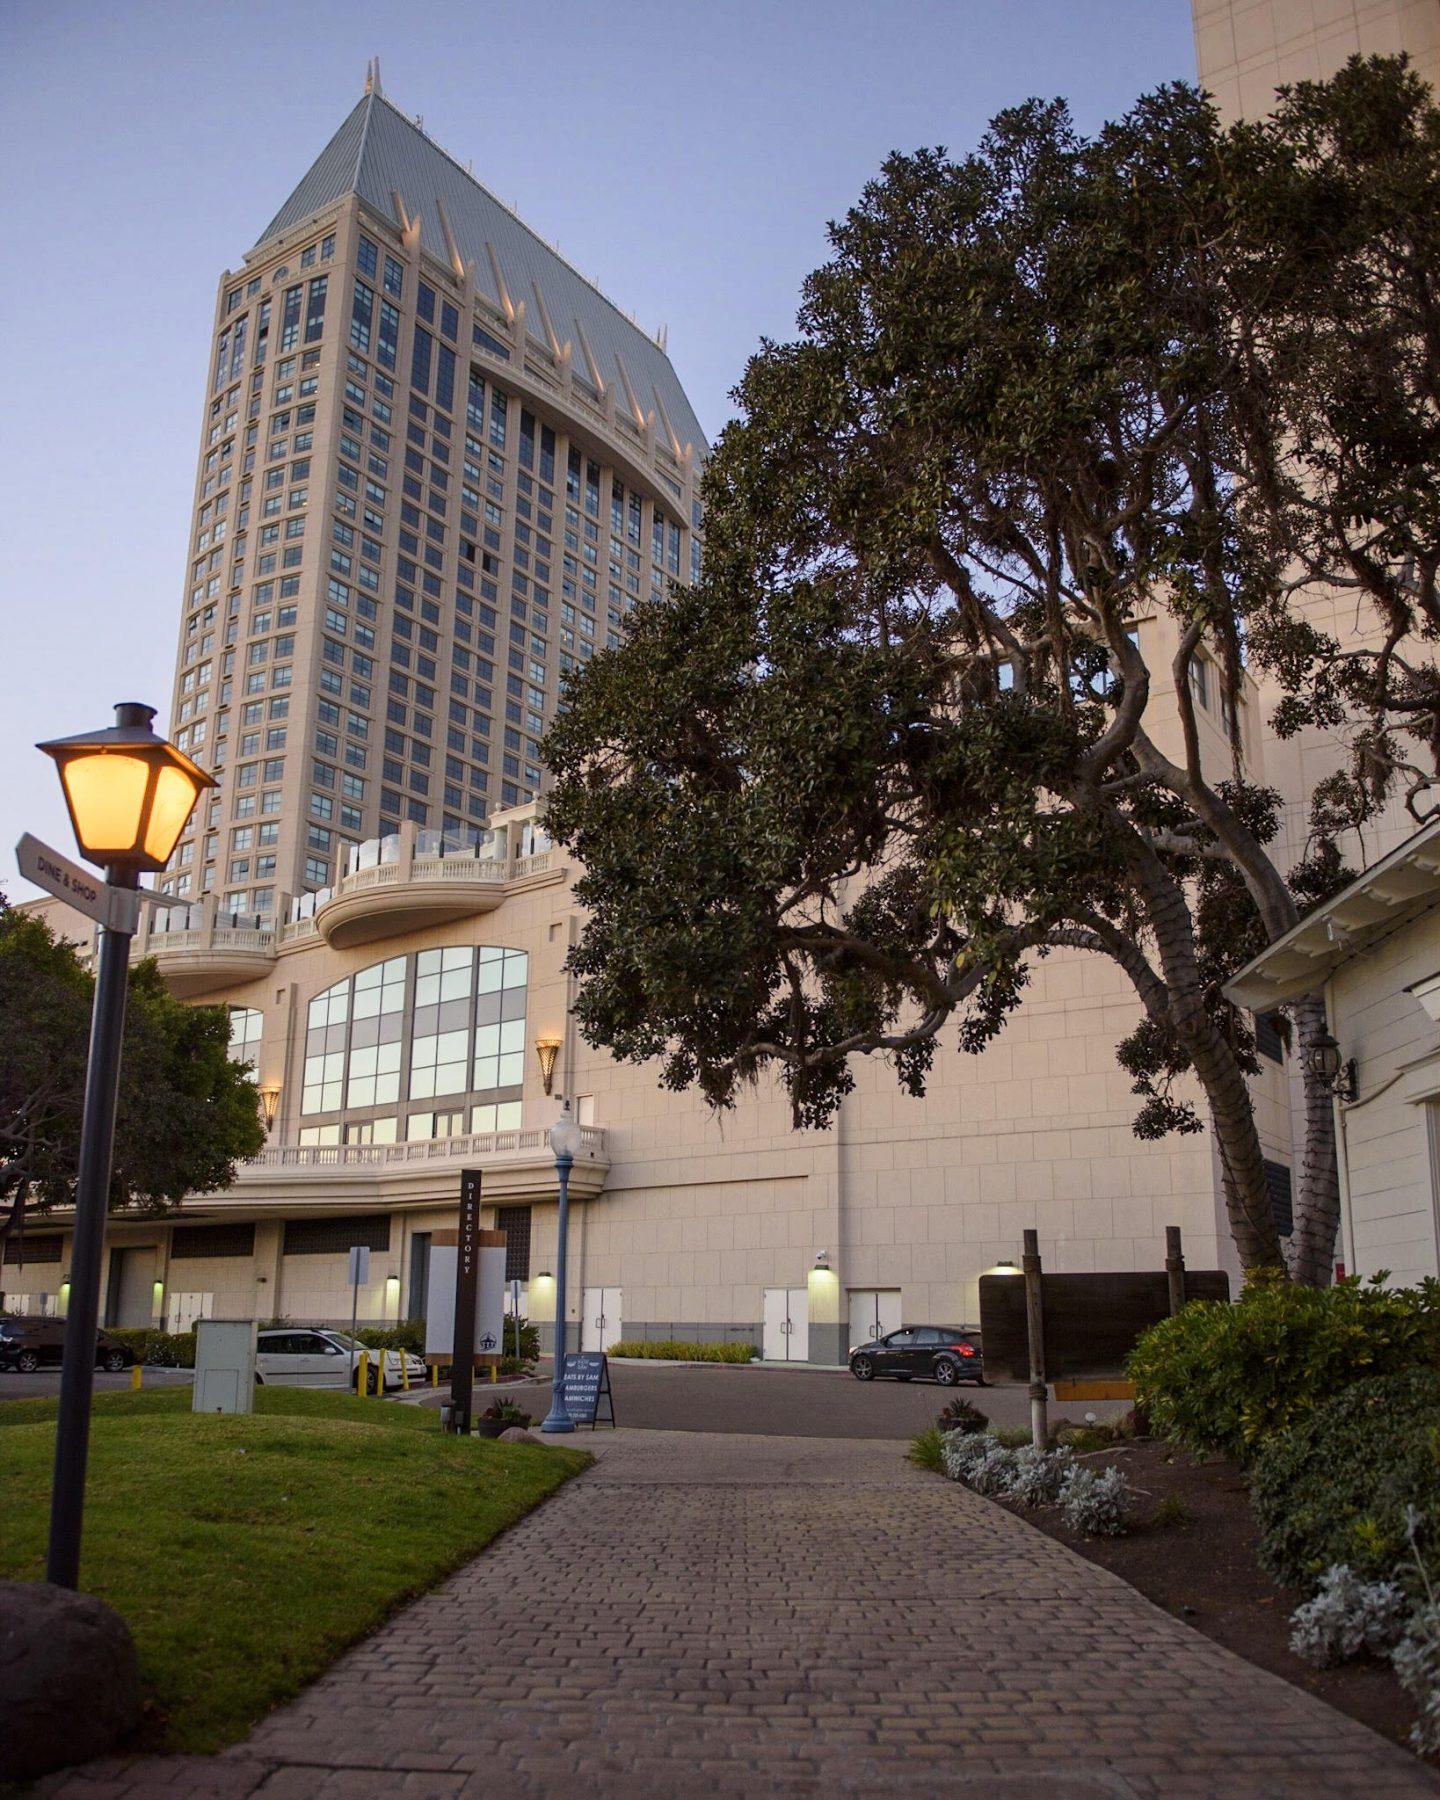 Grand Hyatt as seen from Seaport Village in San Diego